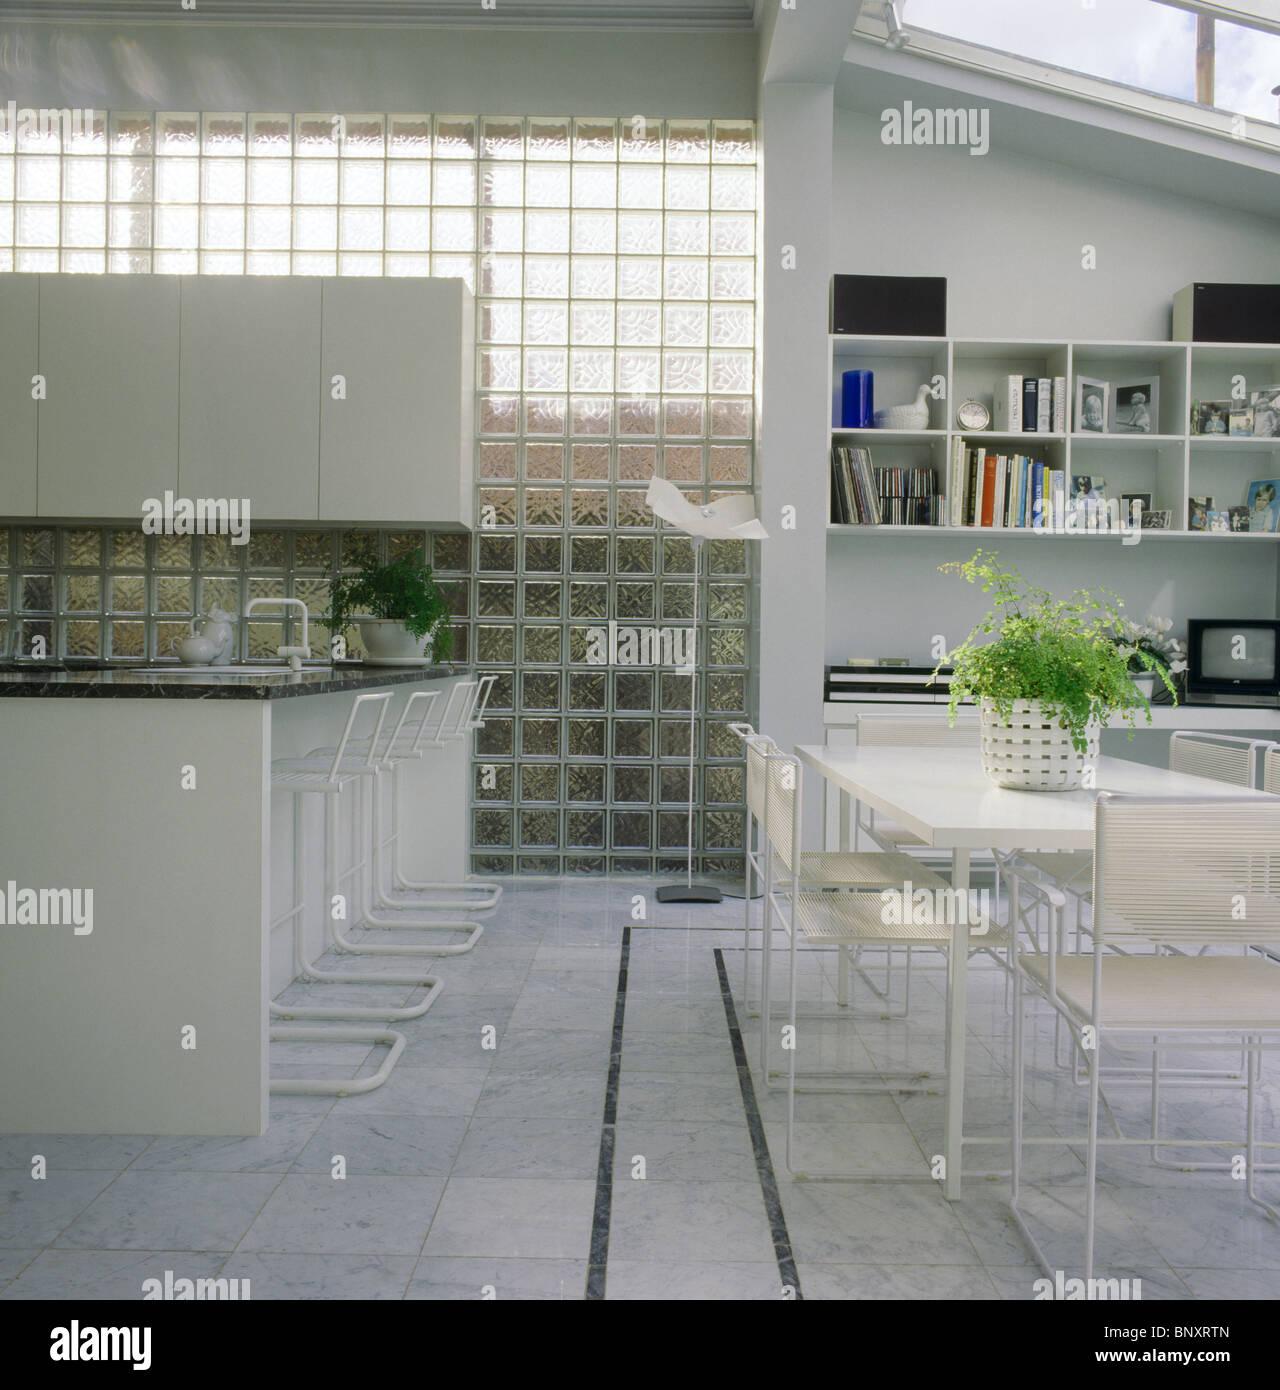 Glasbaustein wand in gro e moderne offene k che esszimmer for Fliesen kuche esszimmer